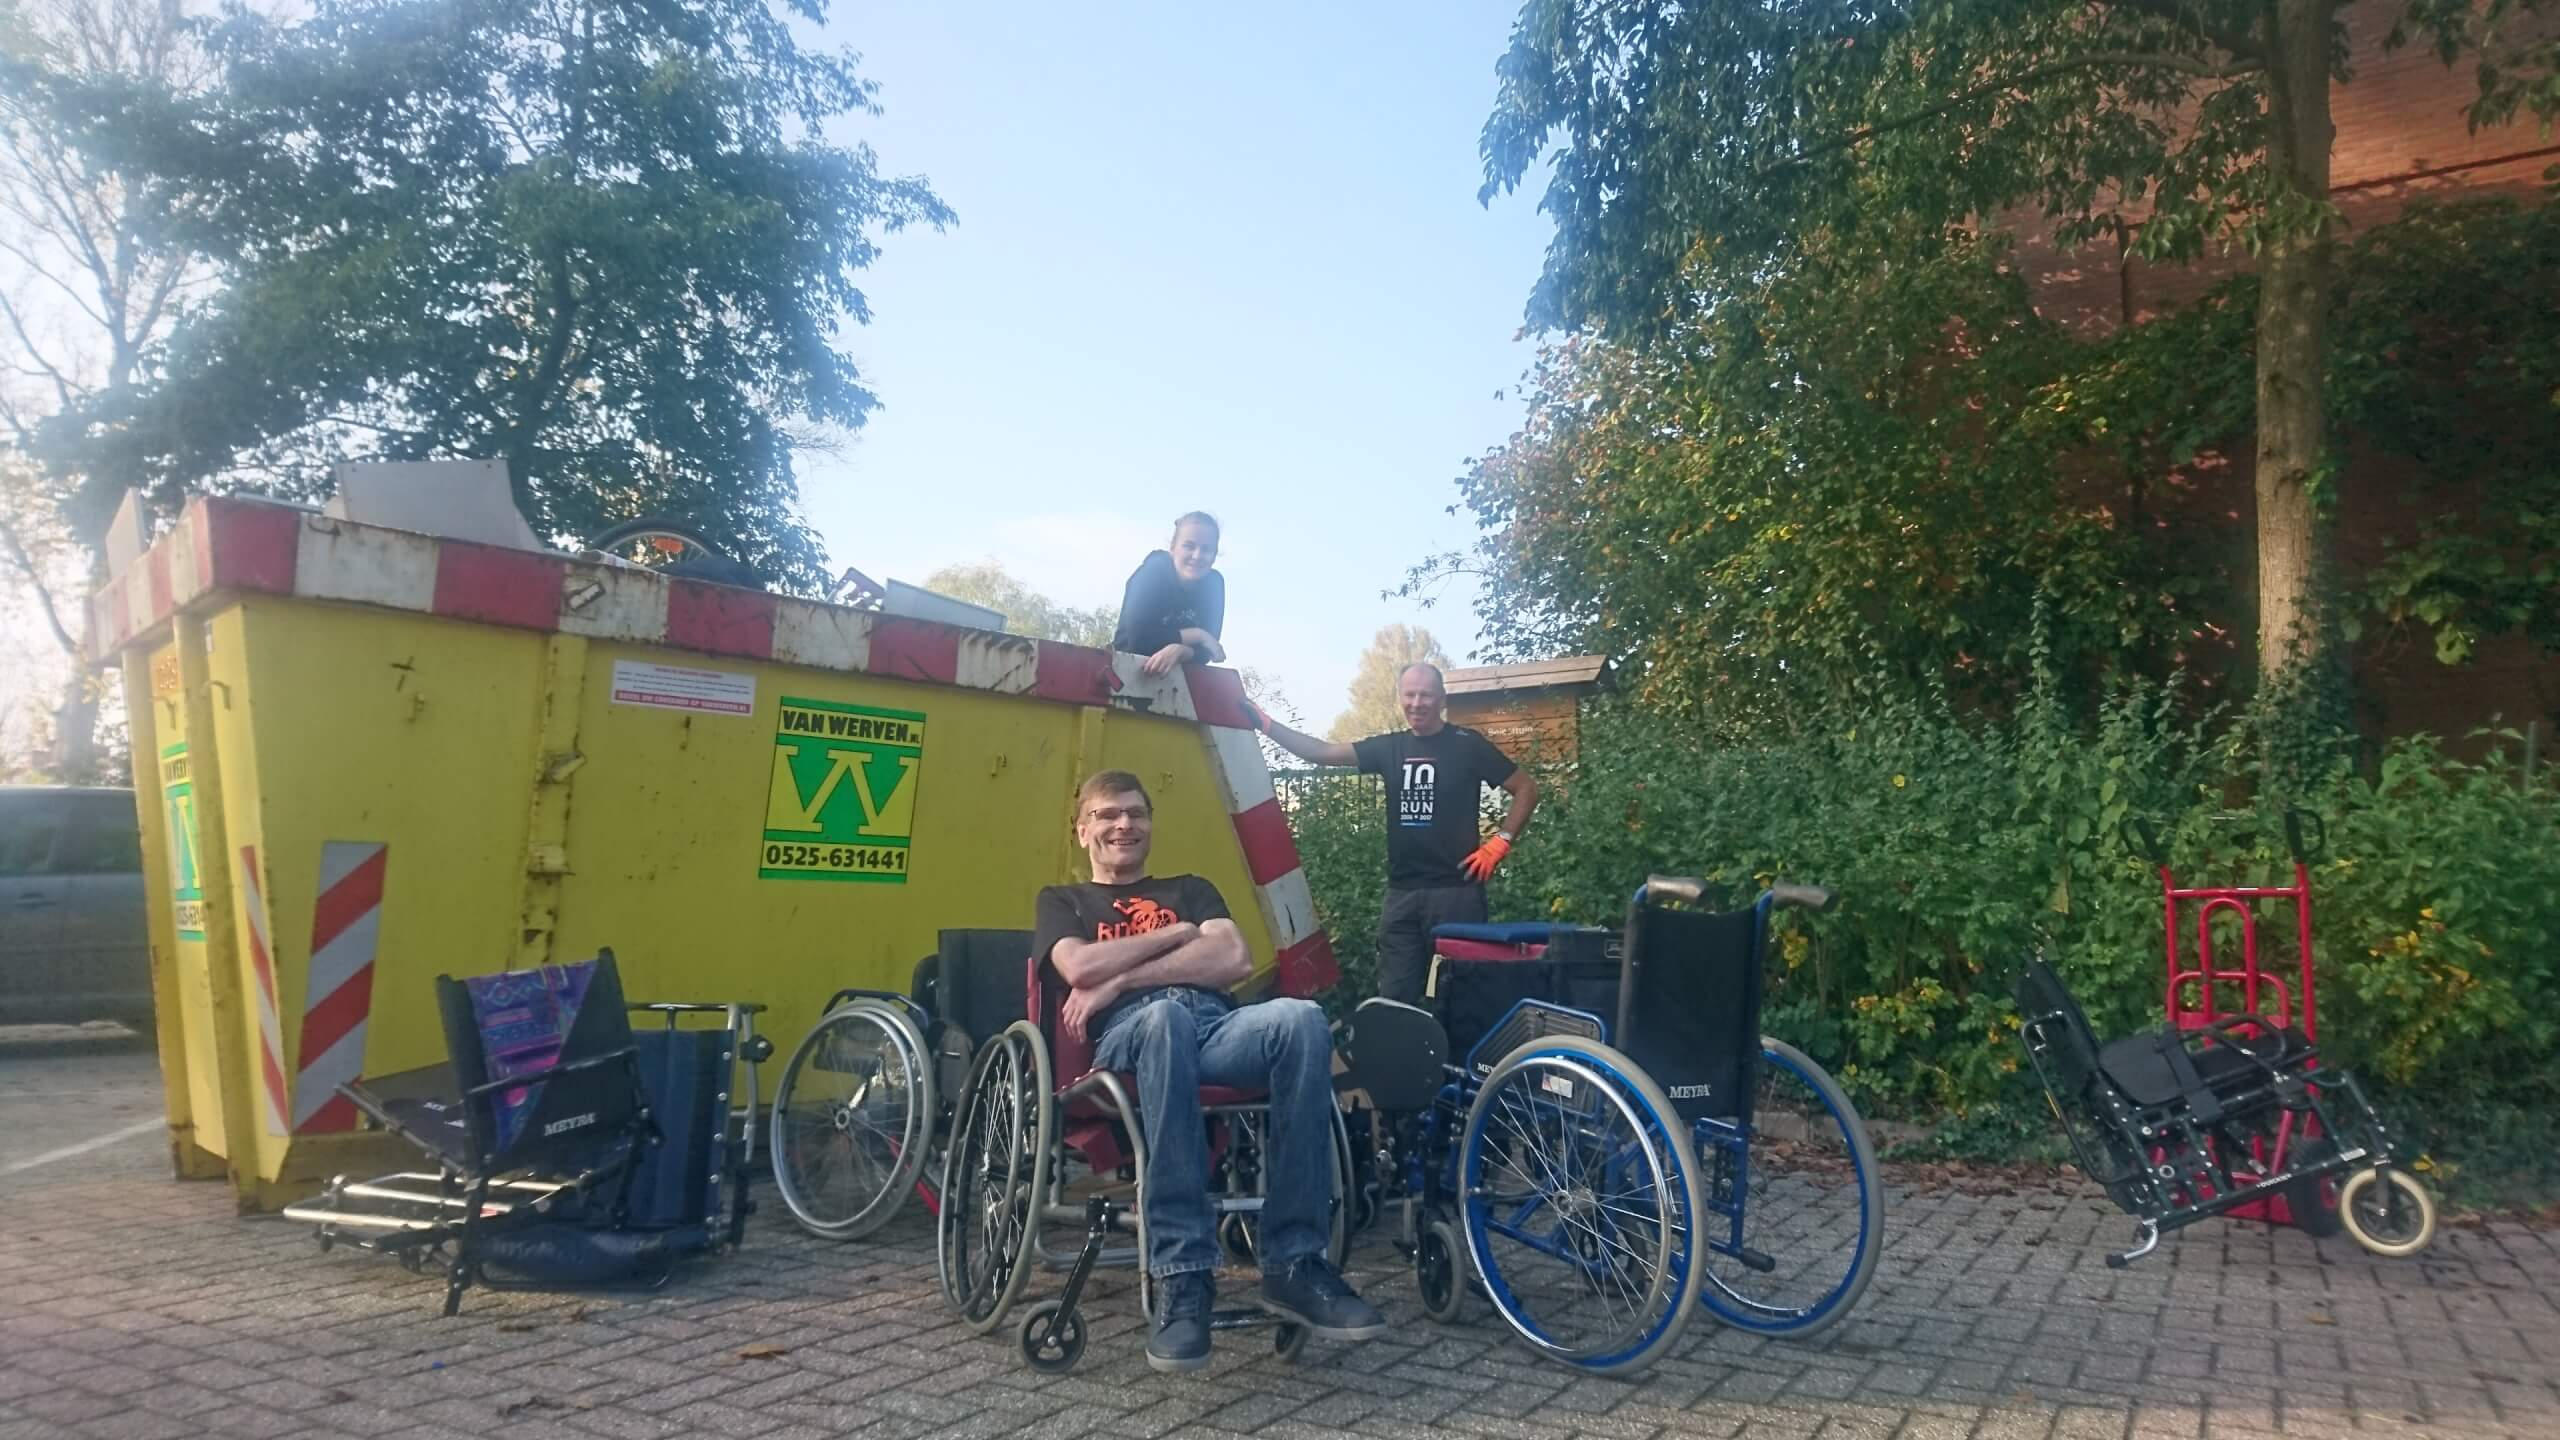 Hans, Talita en Robert poseren voor de container